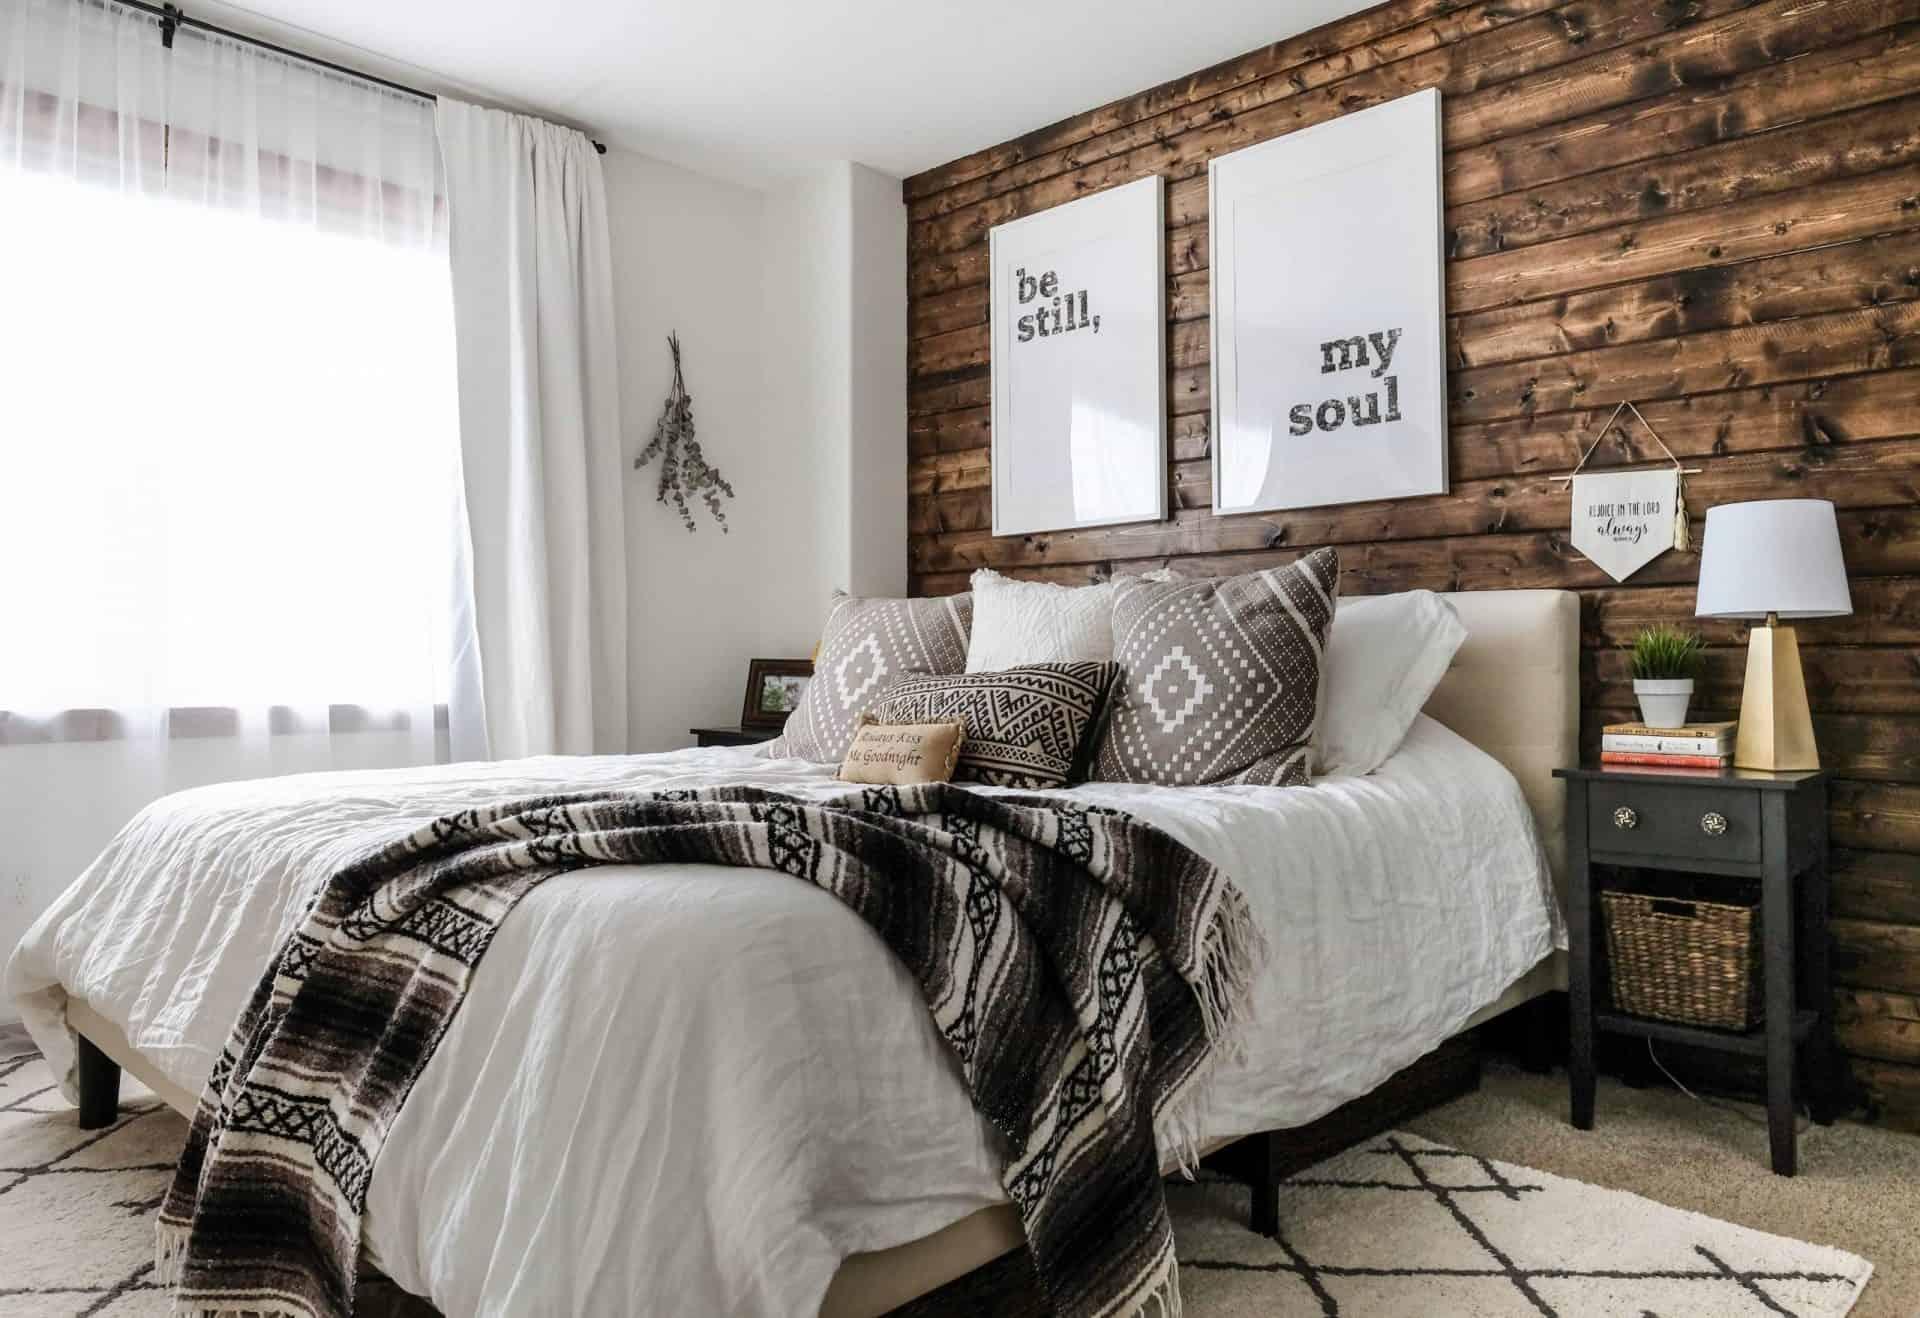 Mẹo phong thủy: Cách khắc phục hướng đặt giường ngủ đối diện cửa ra vào 1